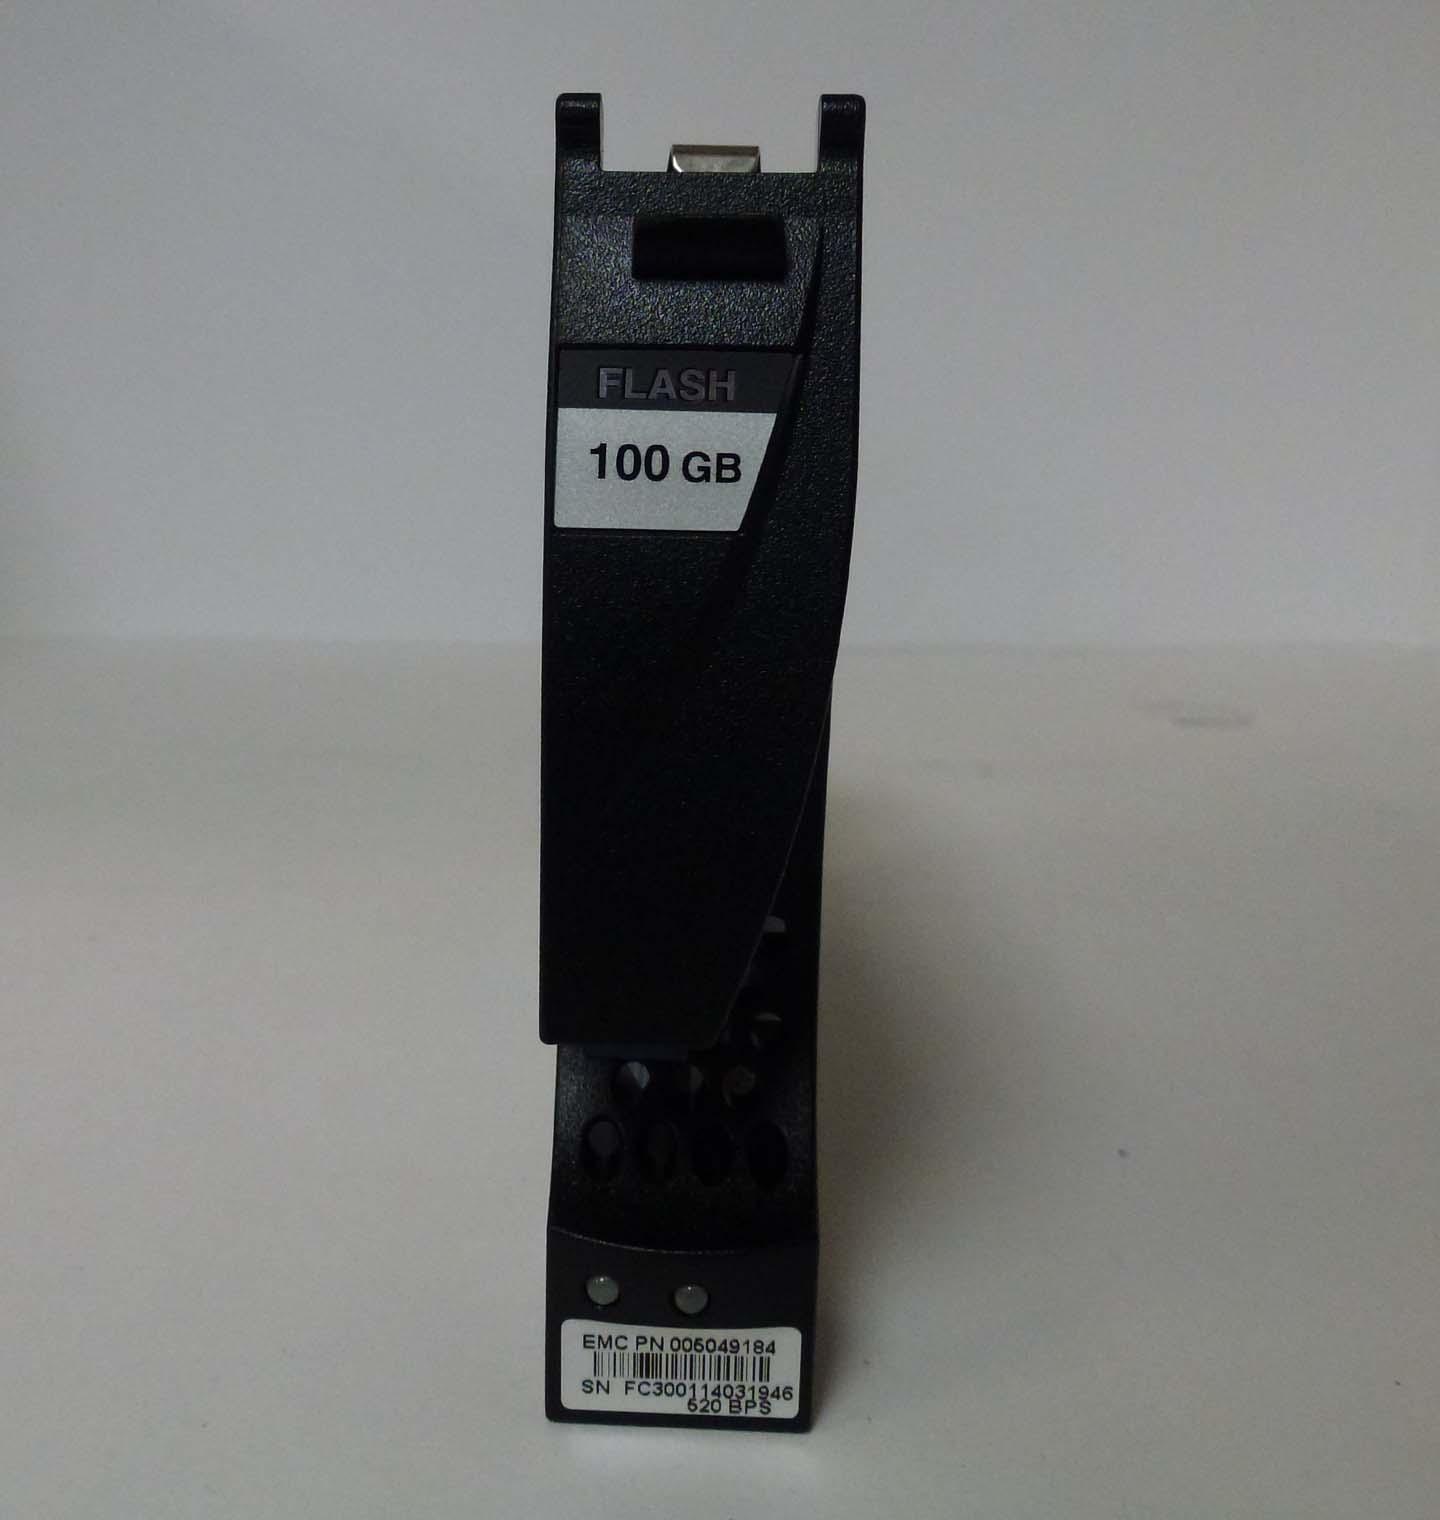 EMC 005049184